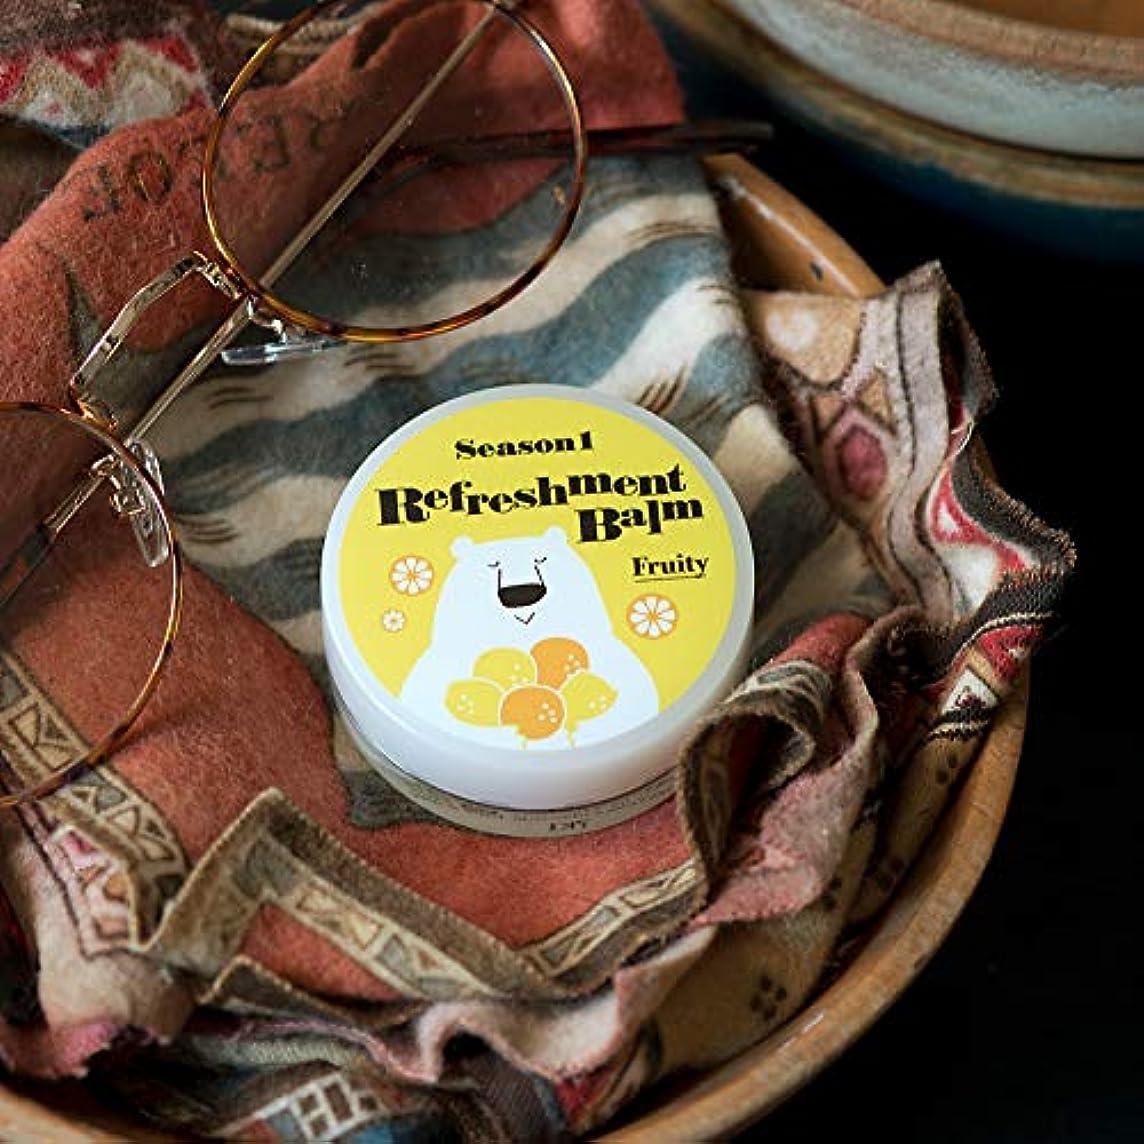 ミントアークハーネス(美健)BIKEN カサカサ鼻にひと塗り リフレッシュメントバーム フルーティ エッセンシャルオイル(精油)のみで香り付け